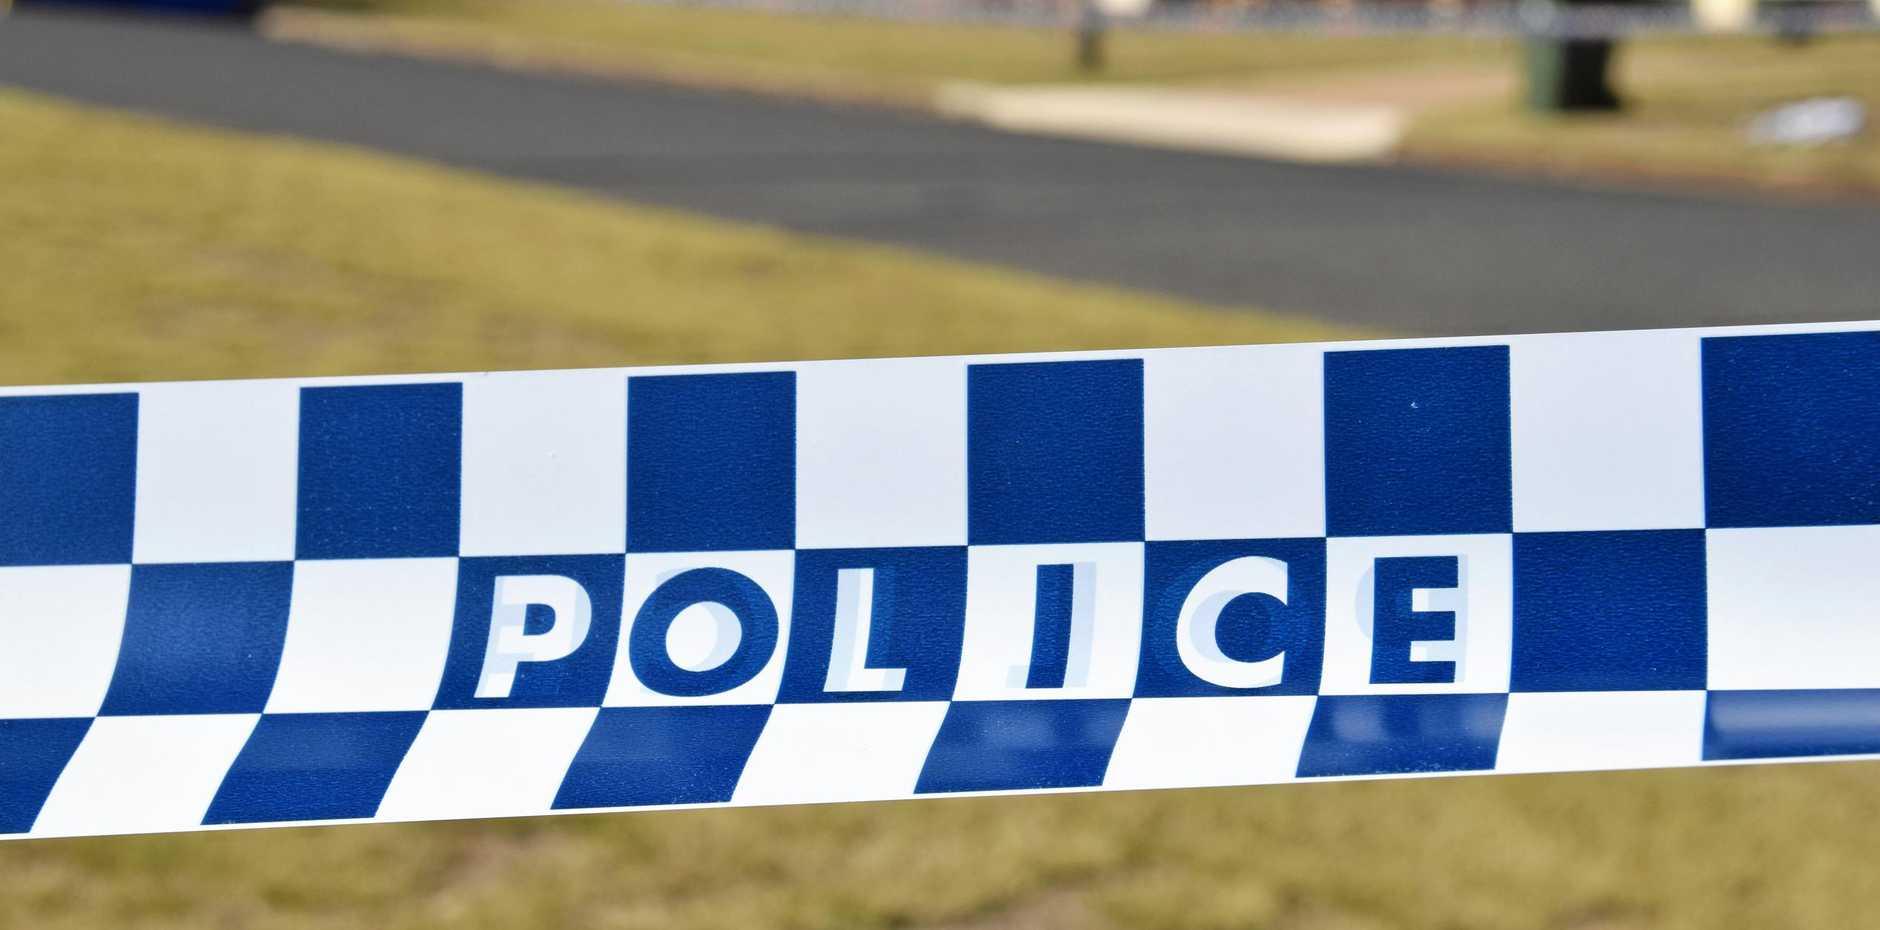 Police crime scene.